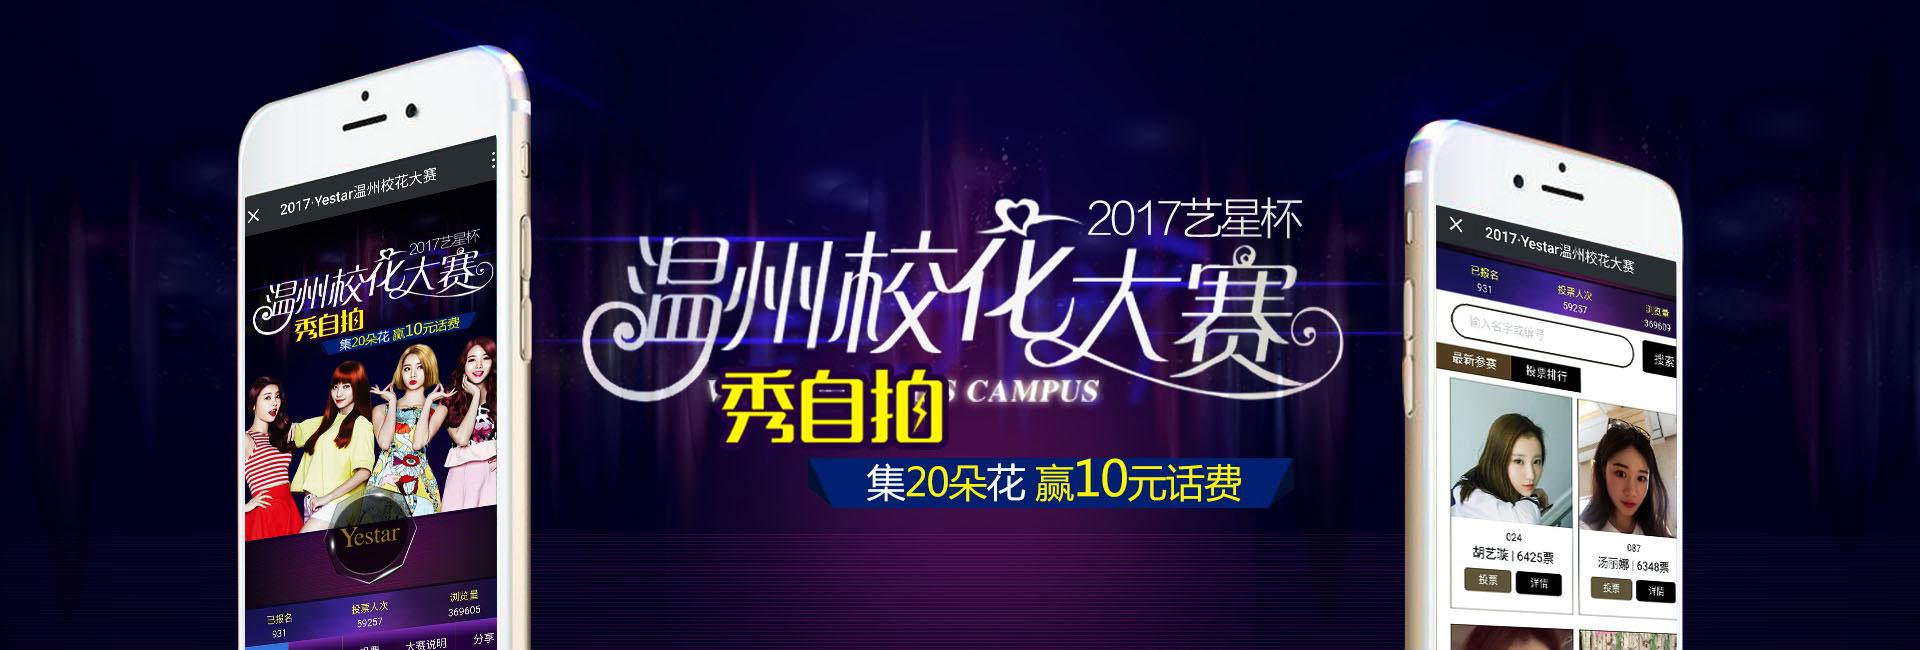 2017·Yestar温州校花大赛